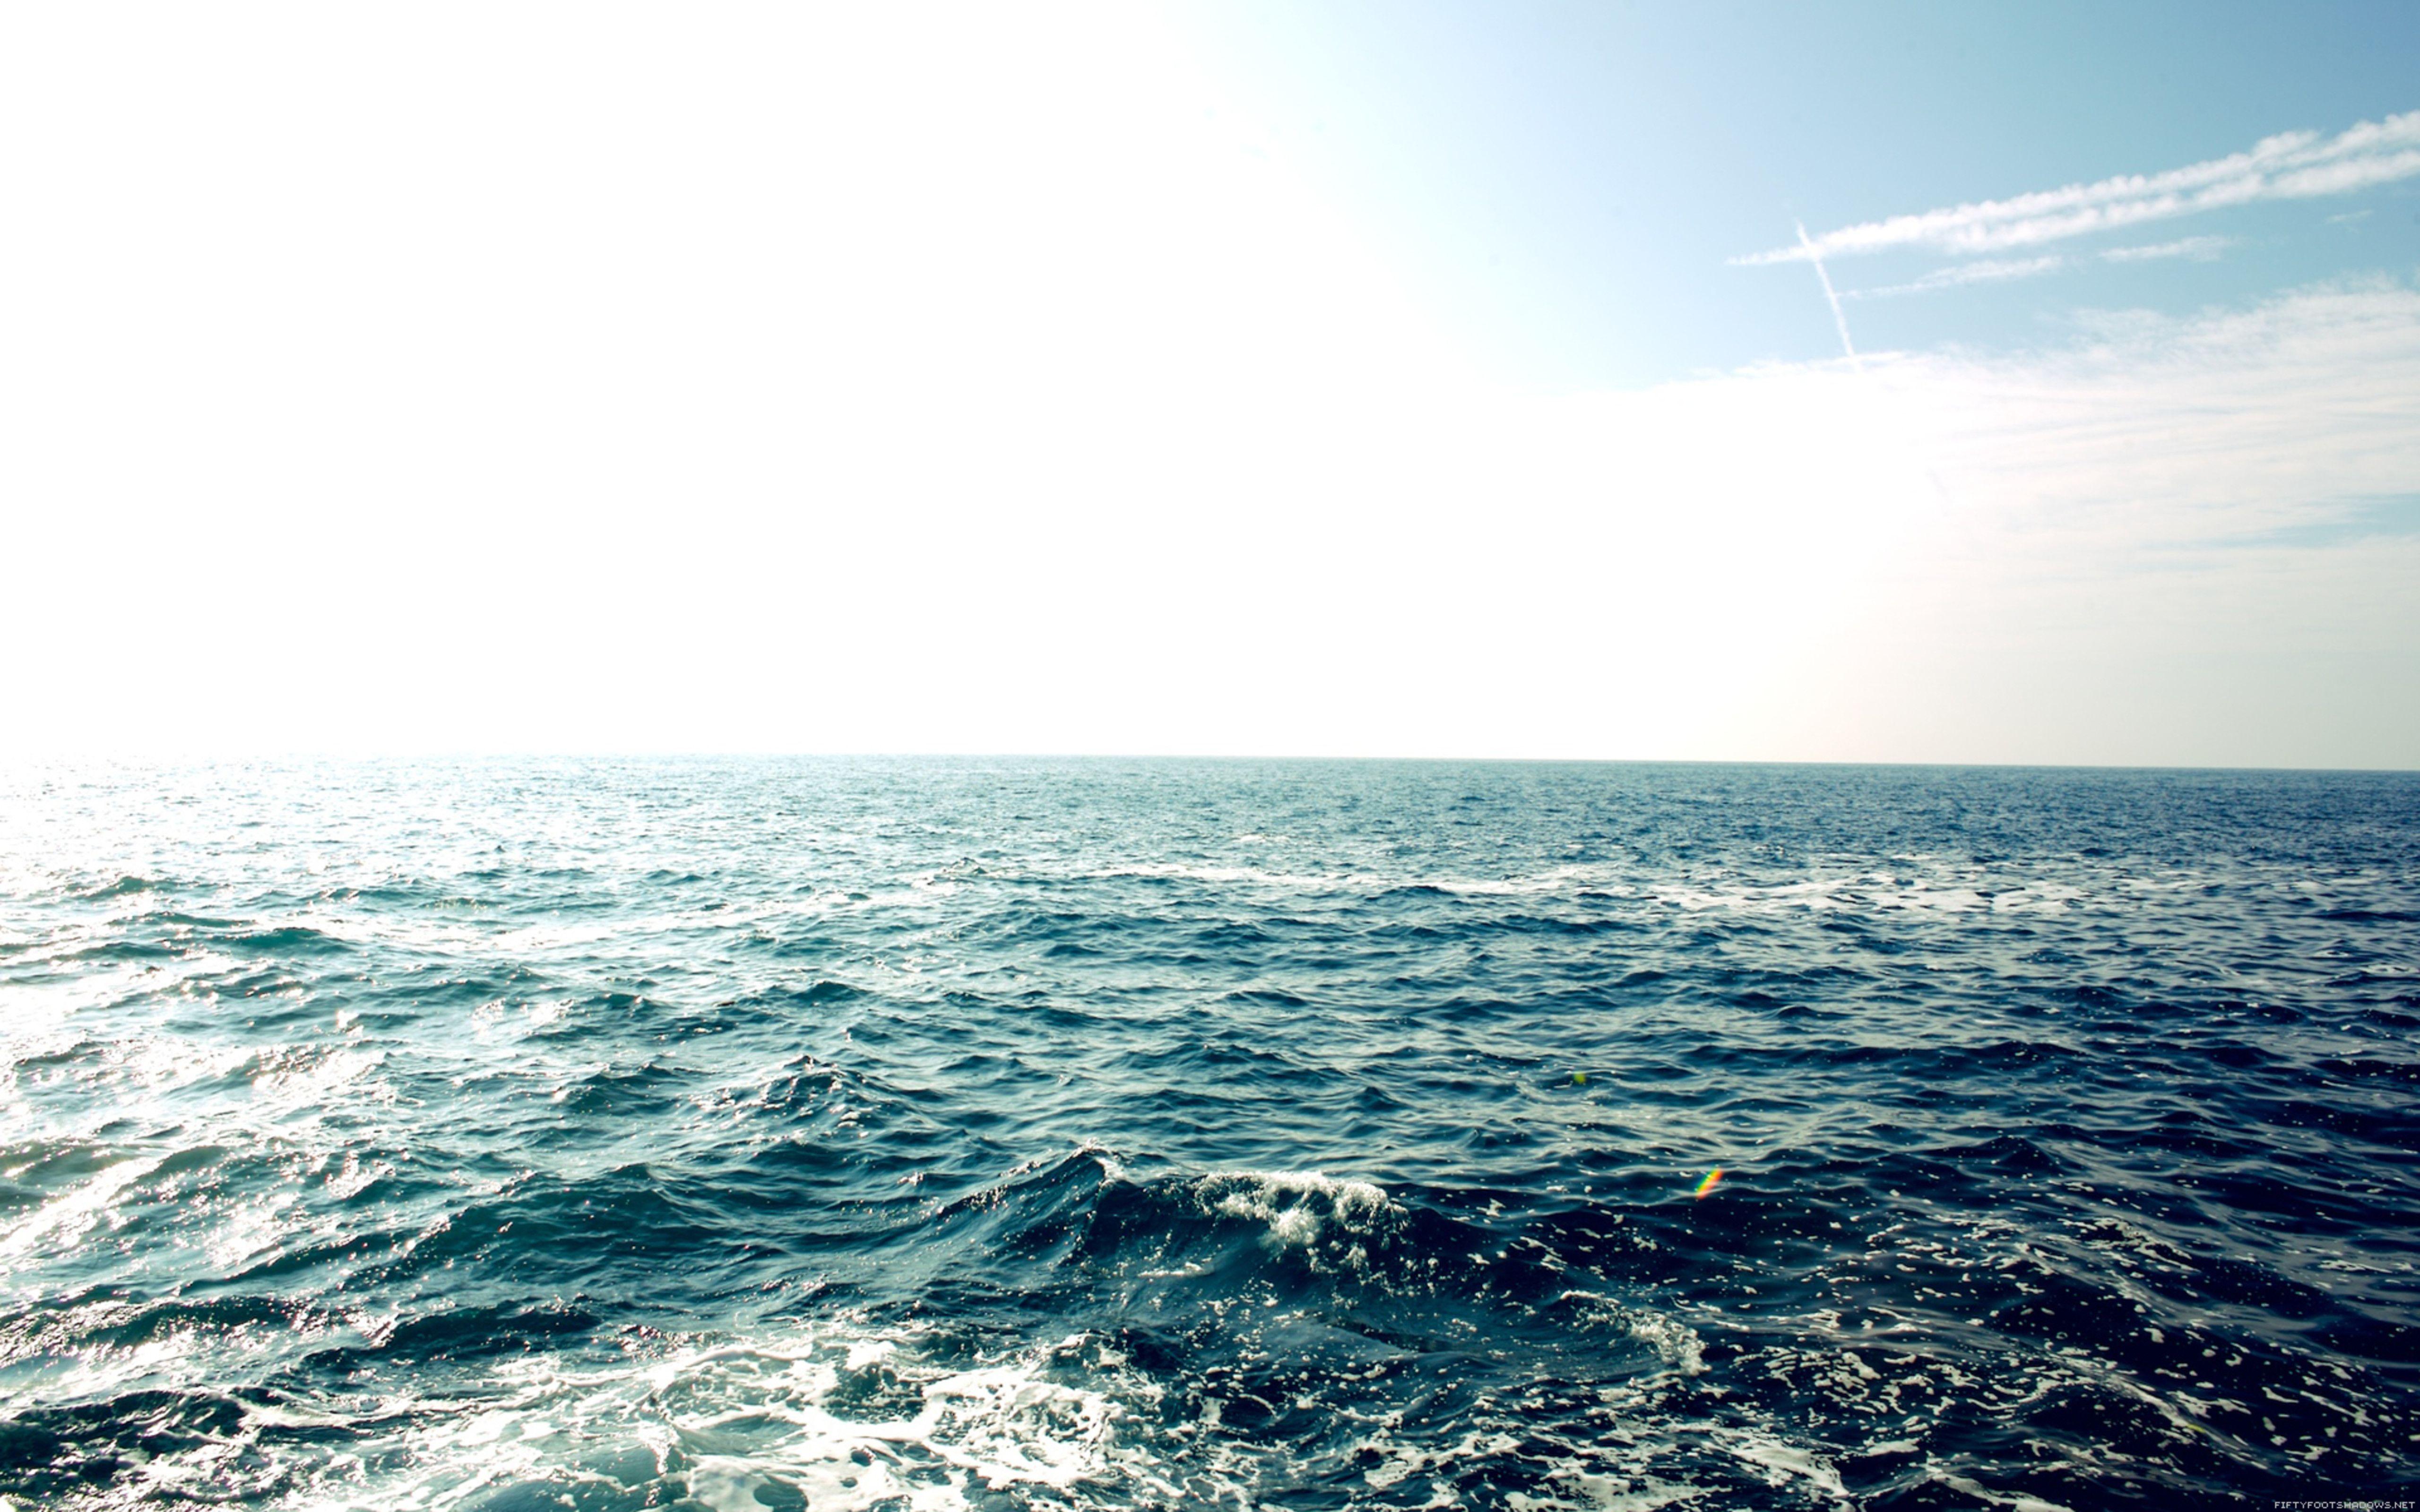 Blue Ocean Hd Wallpaper Sea Pictures Ocean Wallpaper Ocean Backgrounds